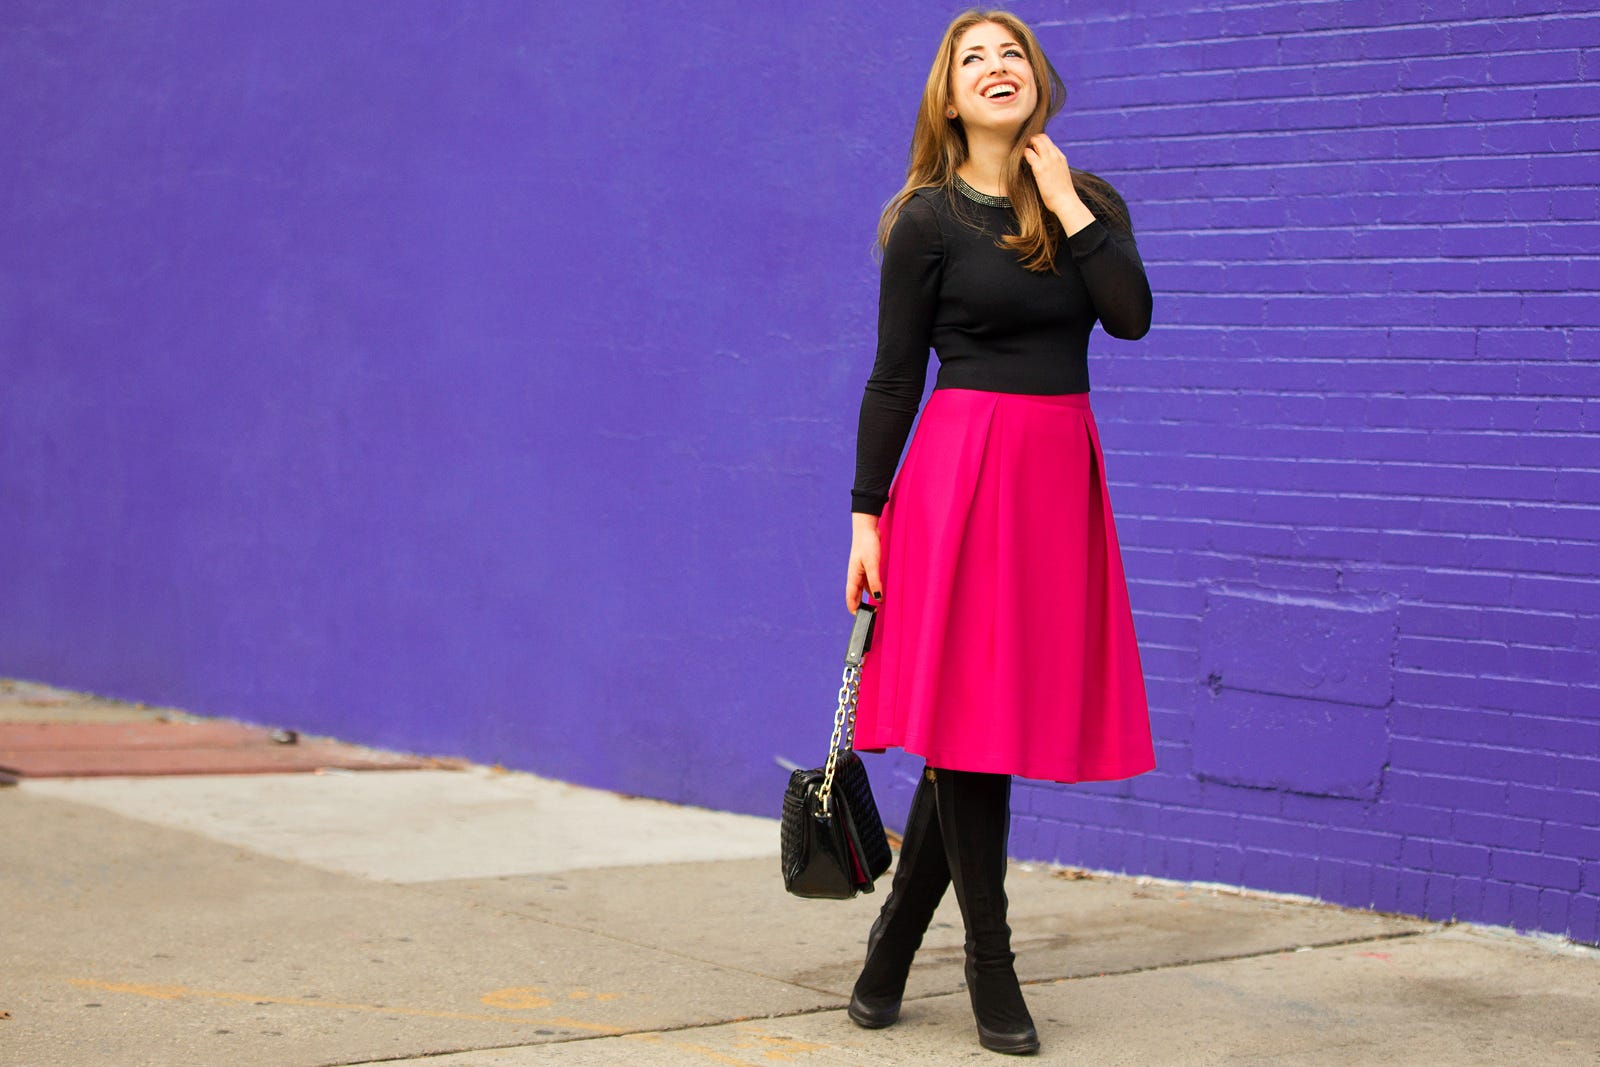 Modest stylish clothing blog